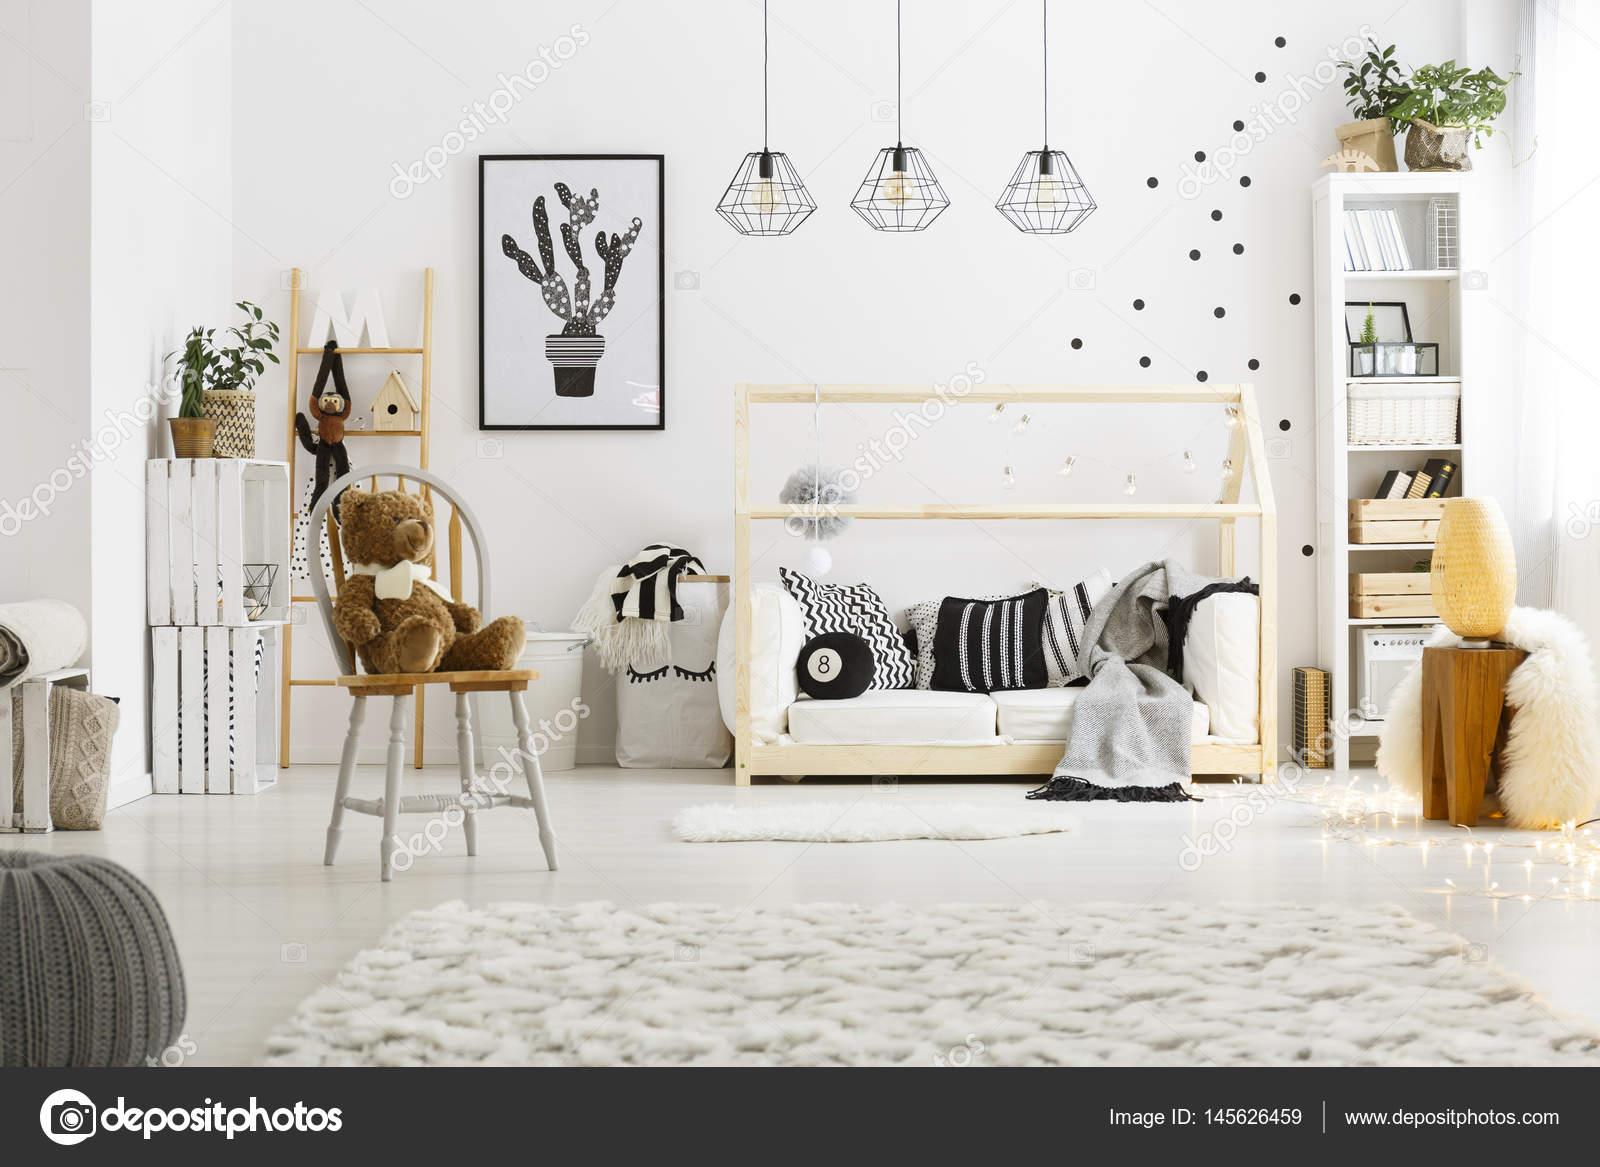 Inspirierend Schlafzimmer Teppich Das Beste Von Weiße Kind Mit — Stockfoto